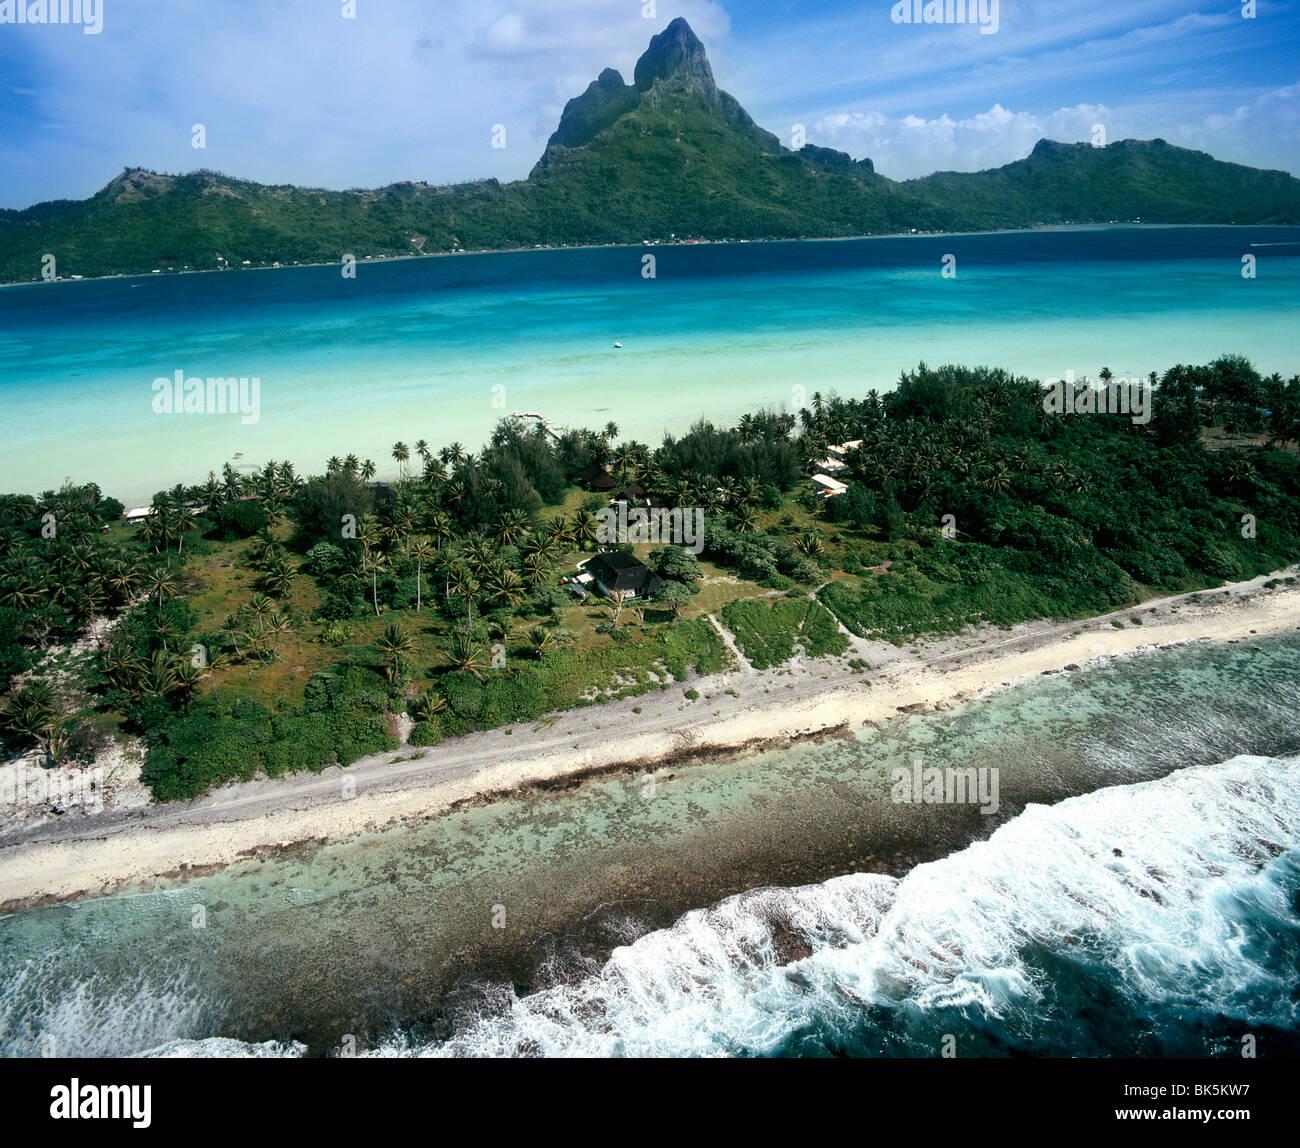 Bora Bora, Islas Sociedad, Polinesia Francesa, Pacífico Sur, Pacífico Imagen De Stock